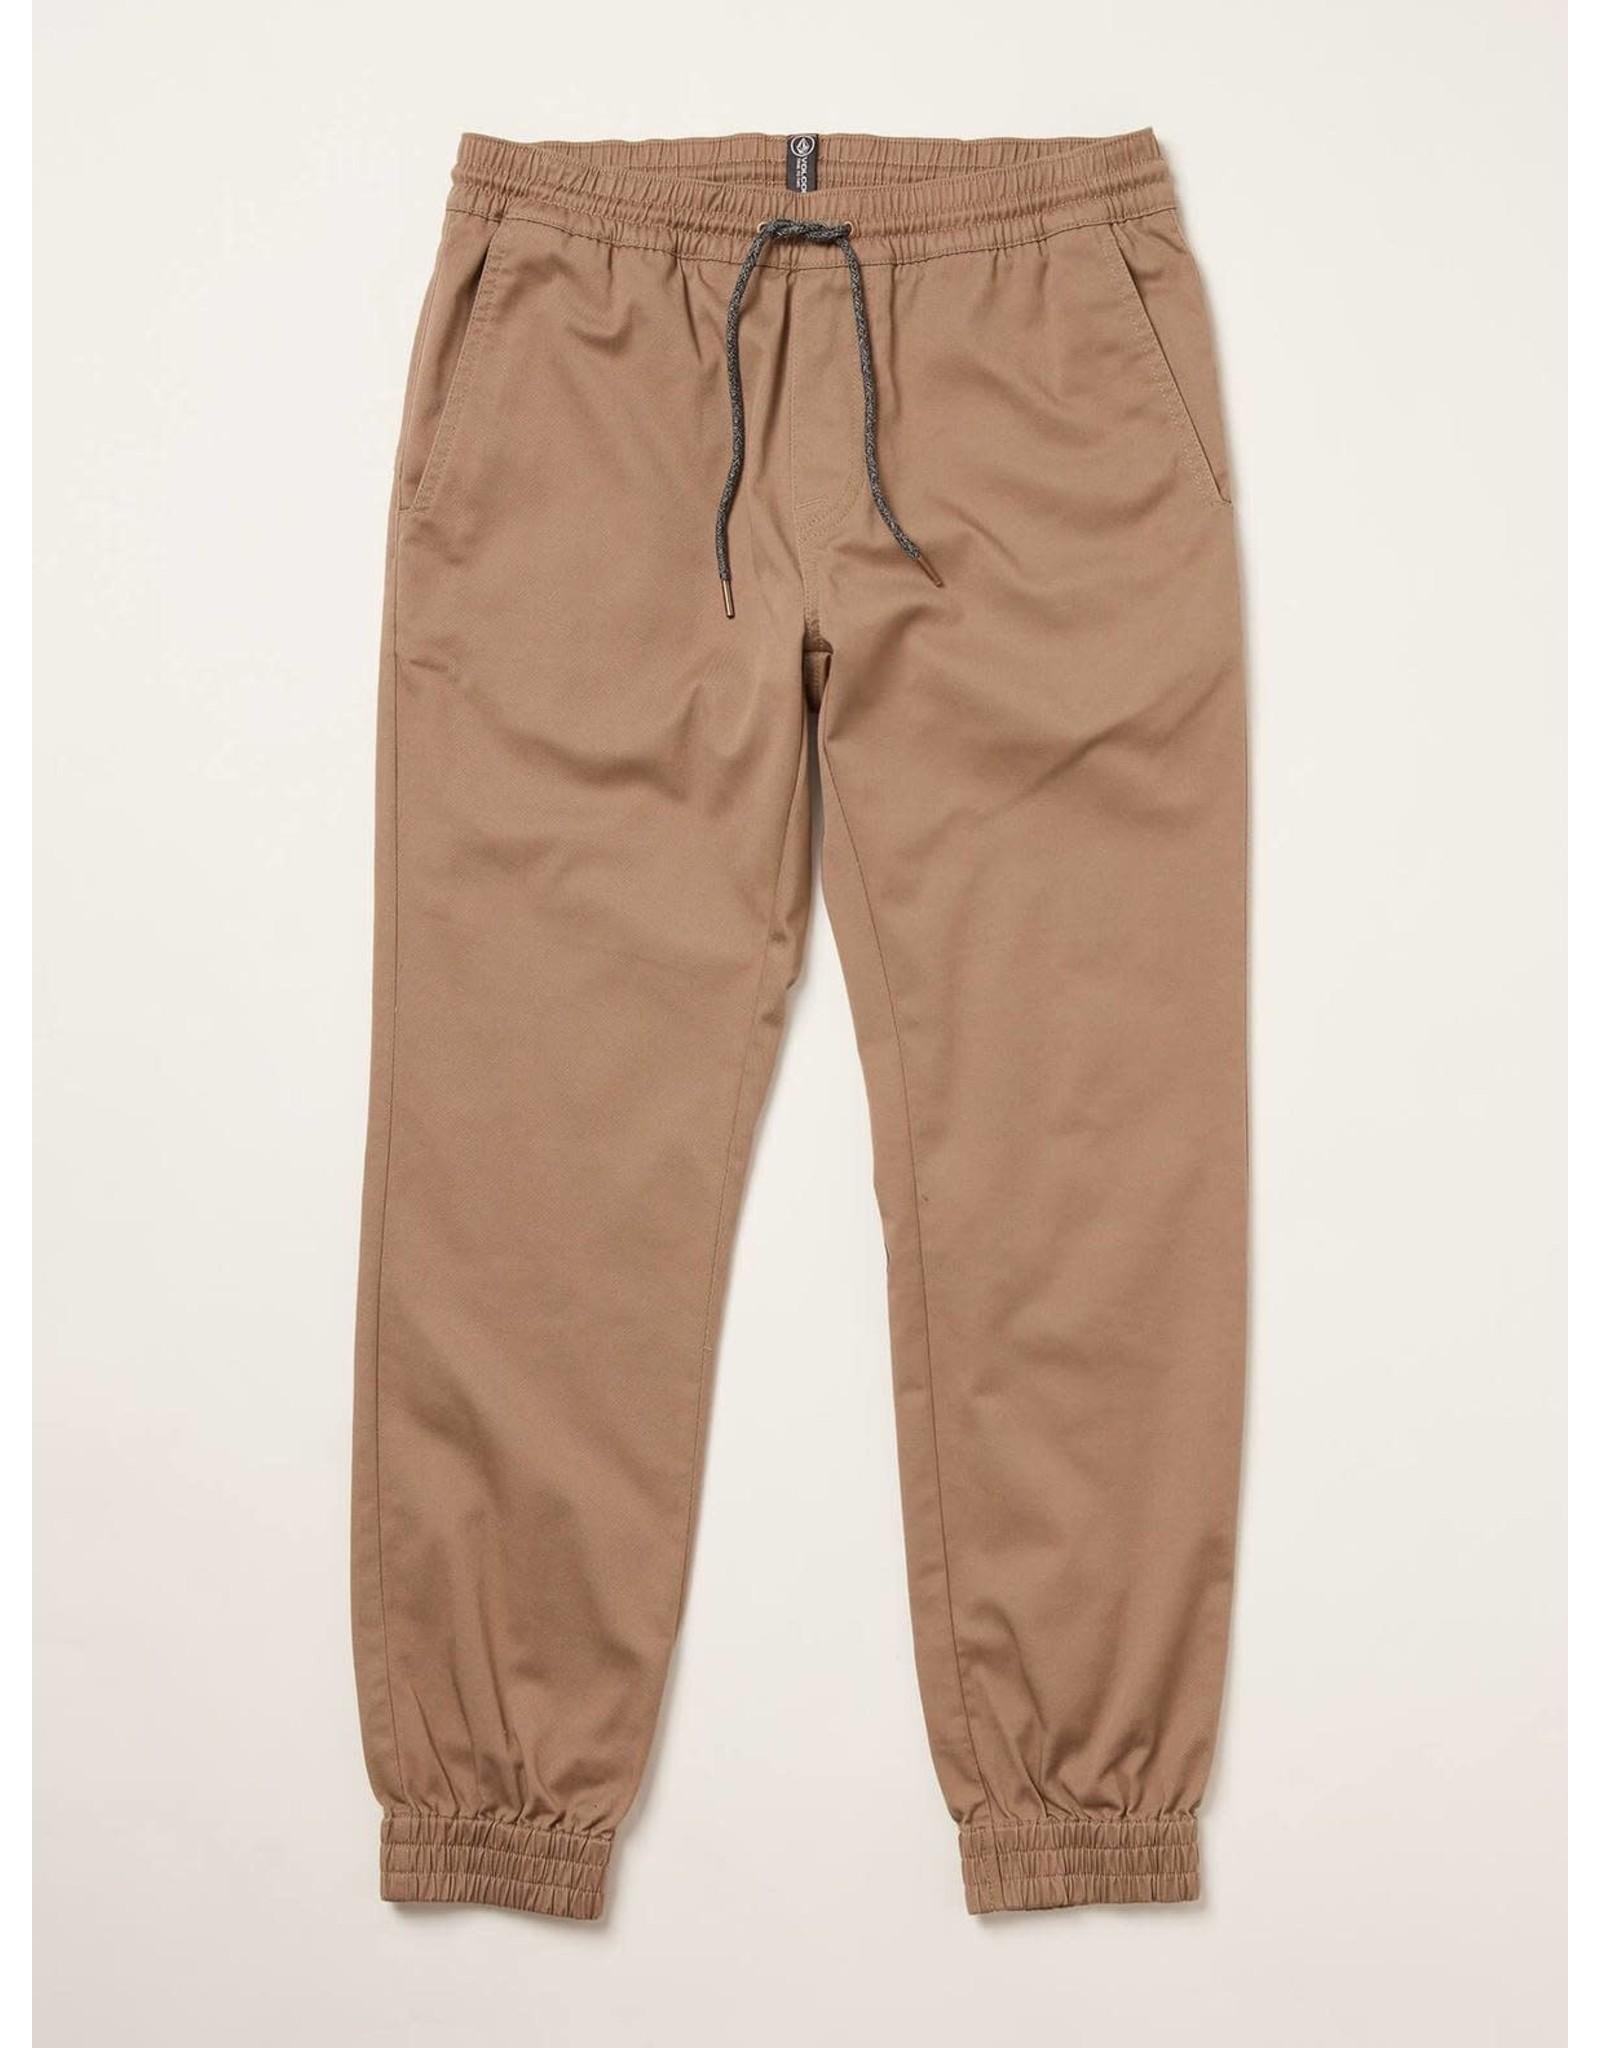 volcom Volcom - pantalon frickin slim jogger khaki